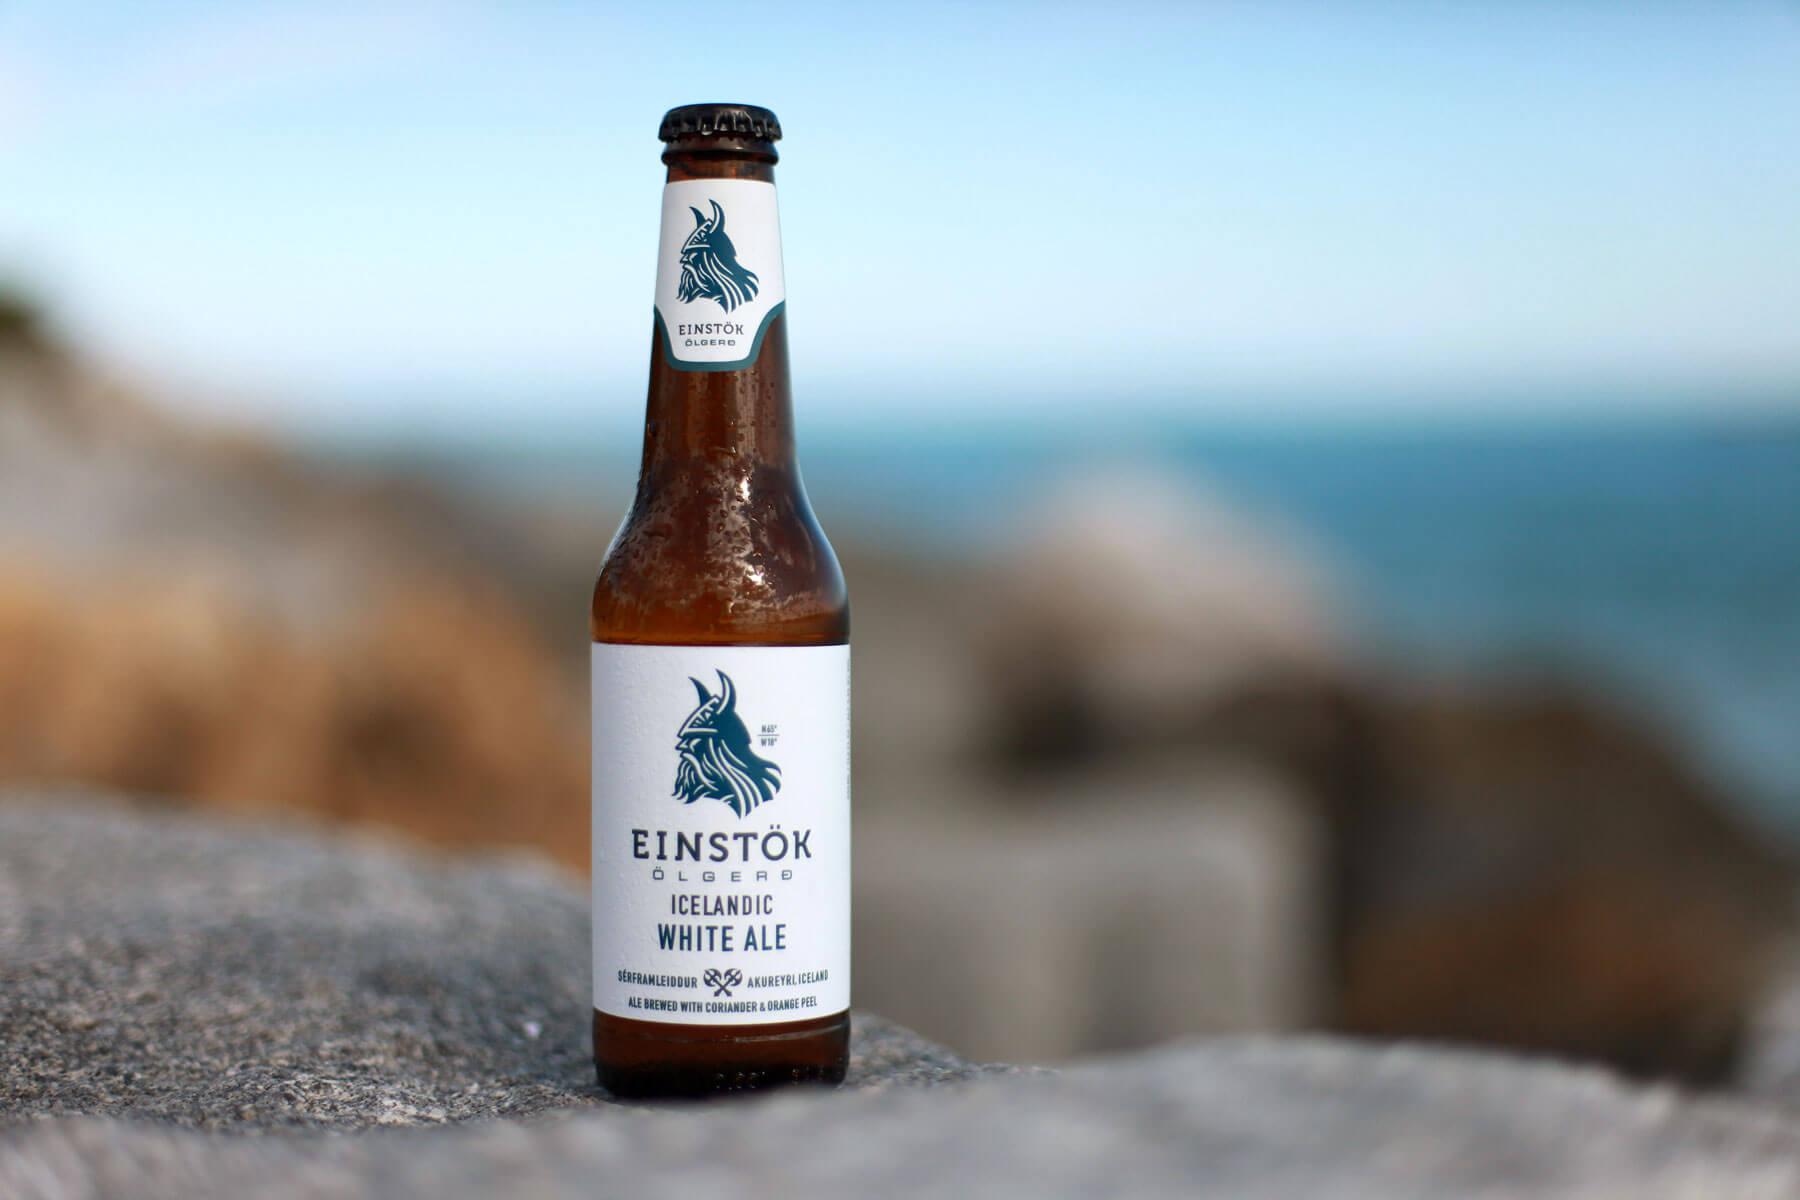 Einstok Icelandic White Ale